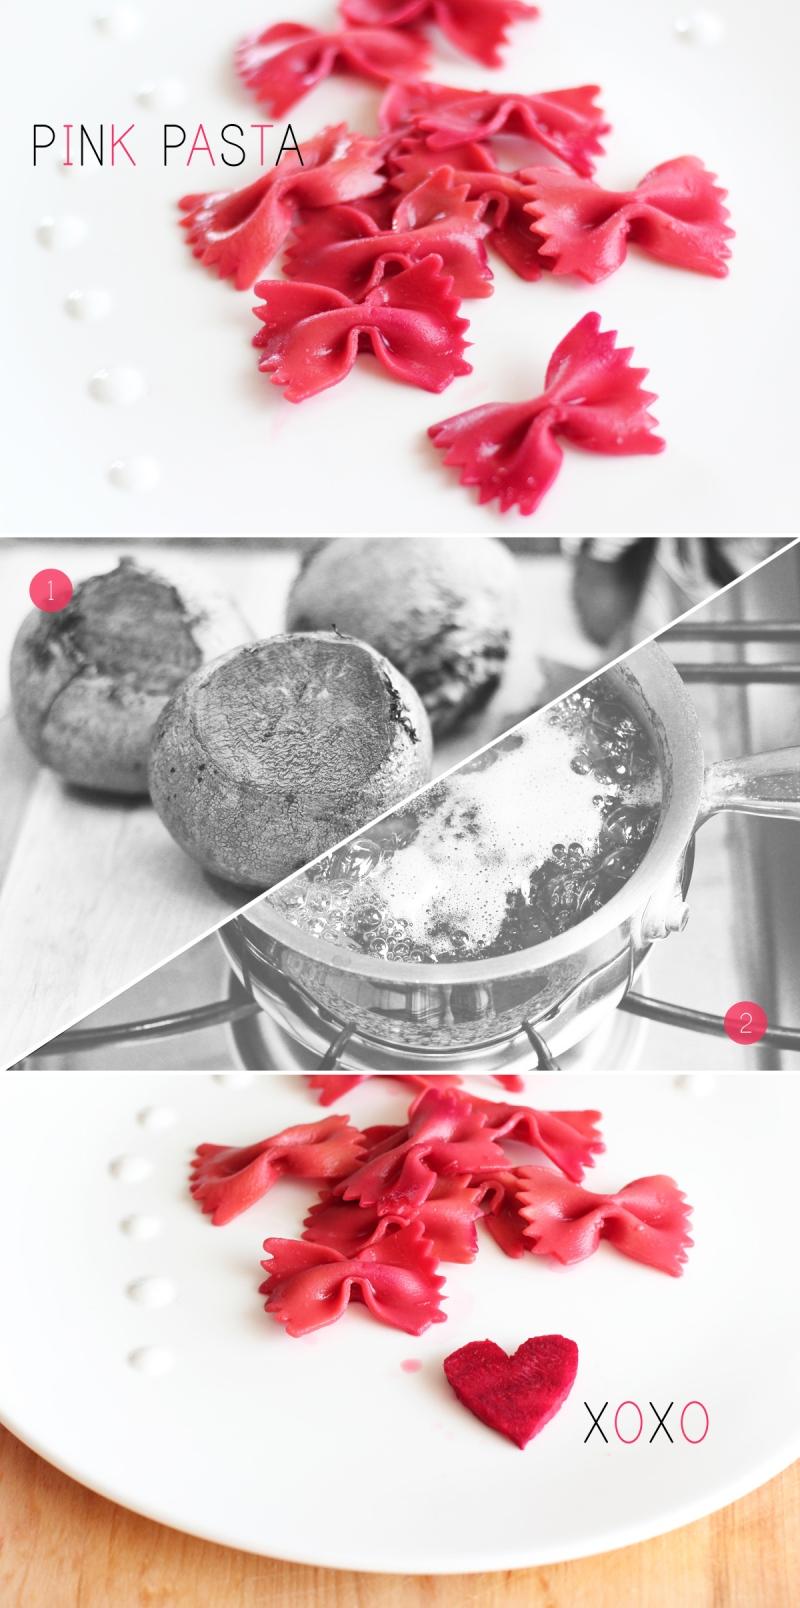 all-natural pink pasta